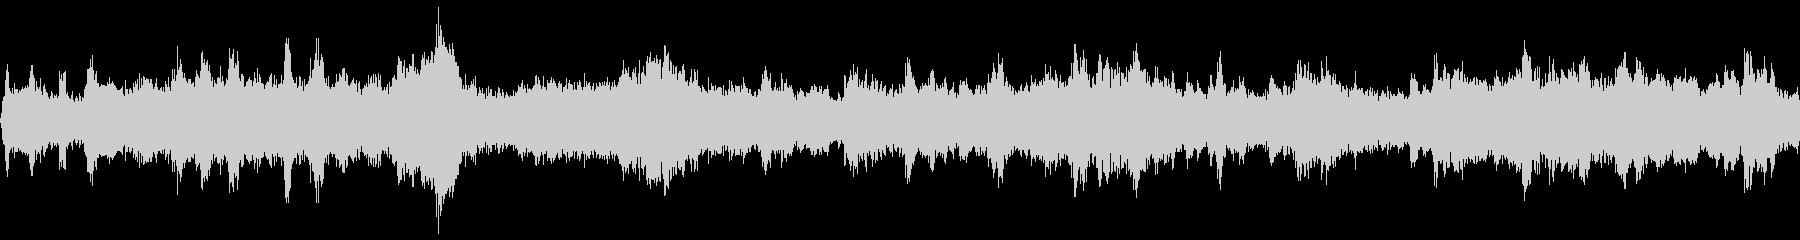 ファンタジー系 壮大なオーケストラBGMの未再生の波形